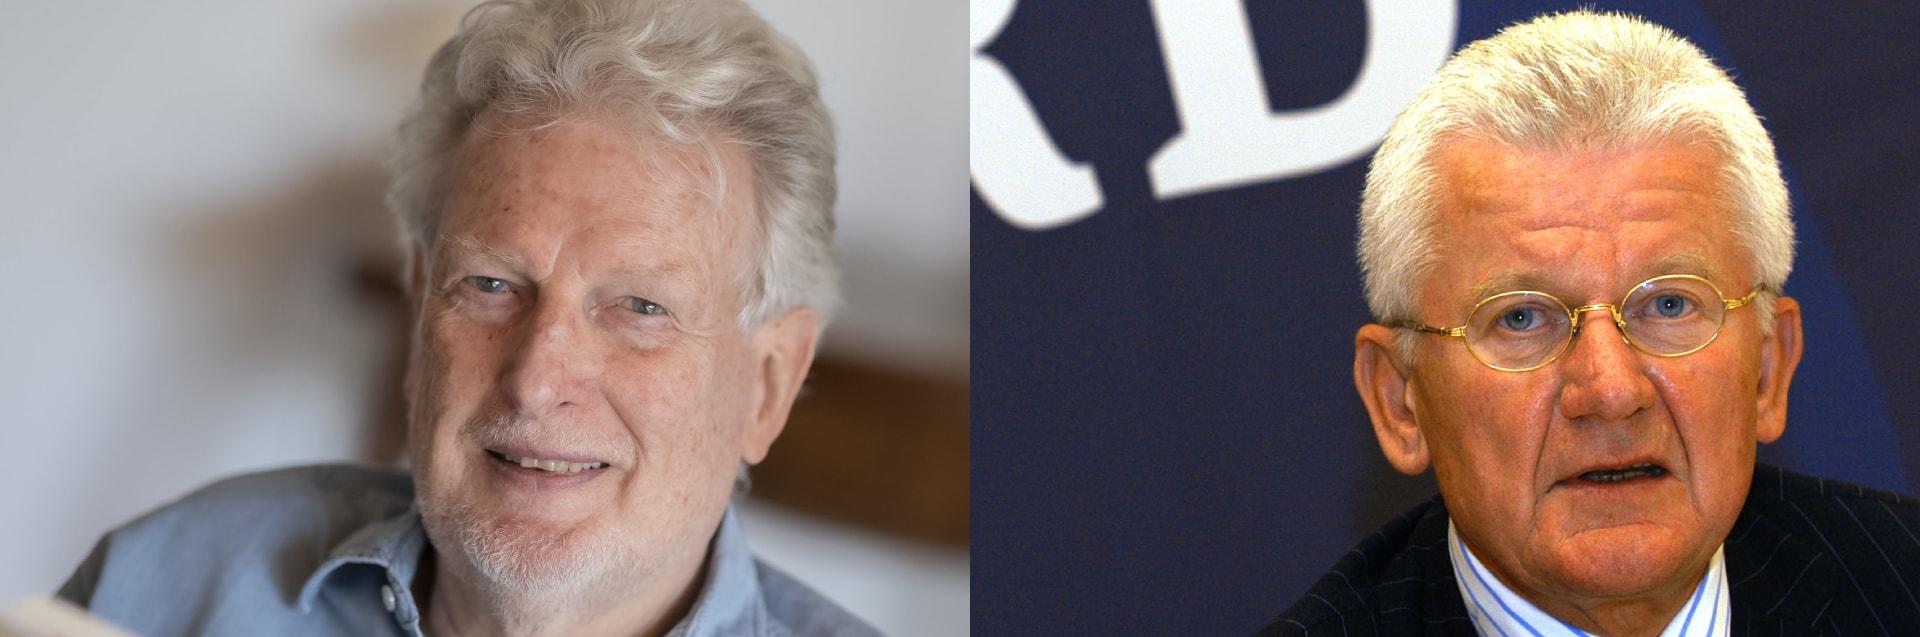 Prof. Peter Voß und Jobst Plog. | Bildquelle: dpa/AP